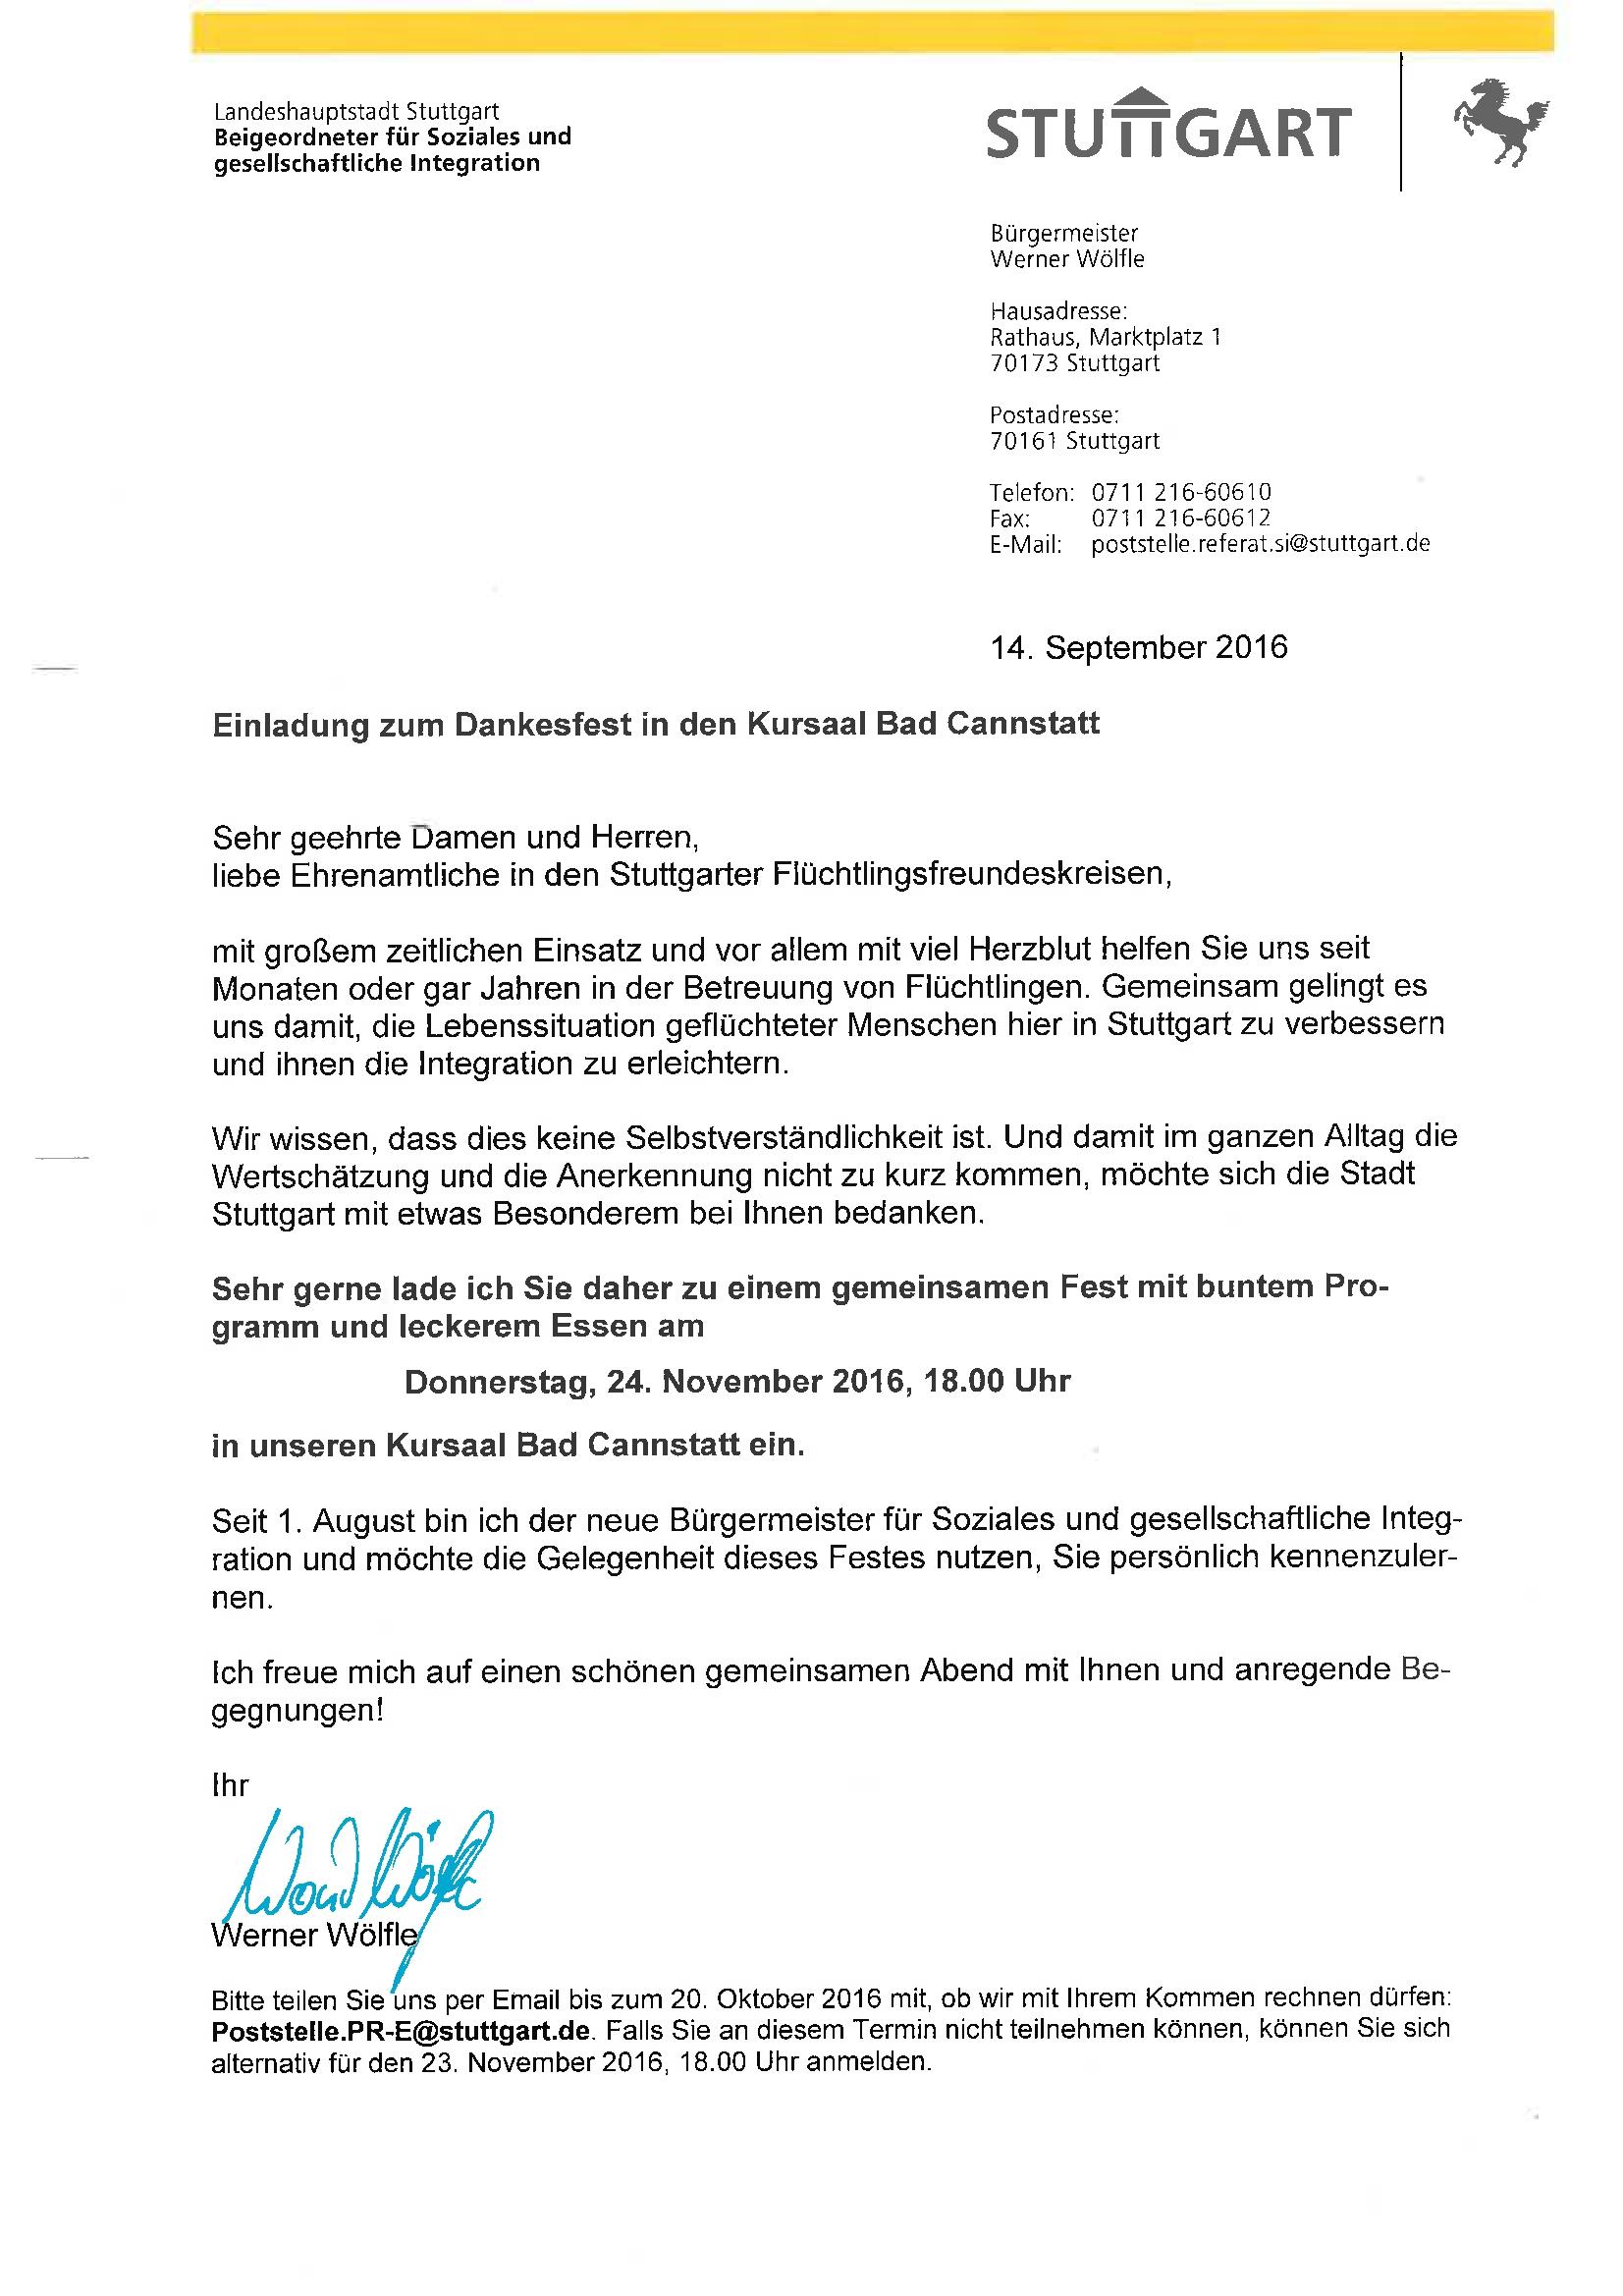 161124_einladung_dankesfest_stadt_stuttgart